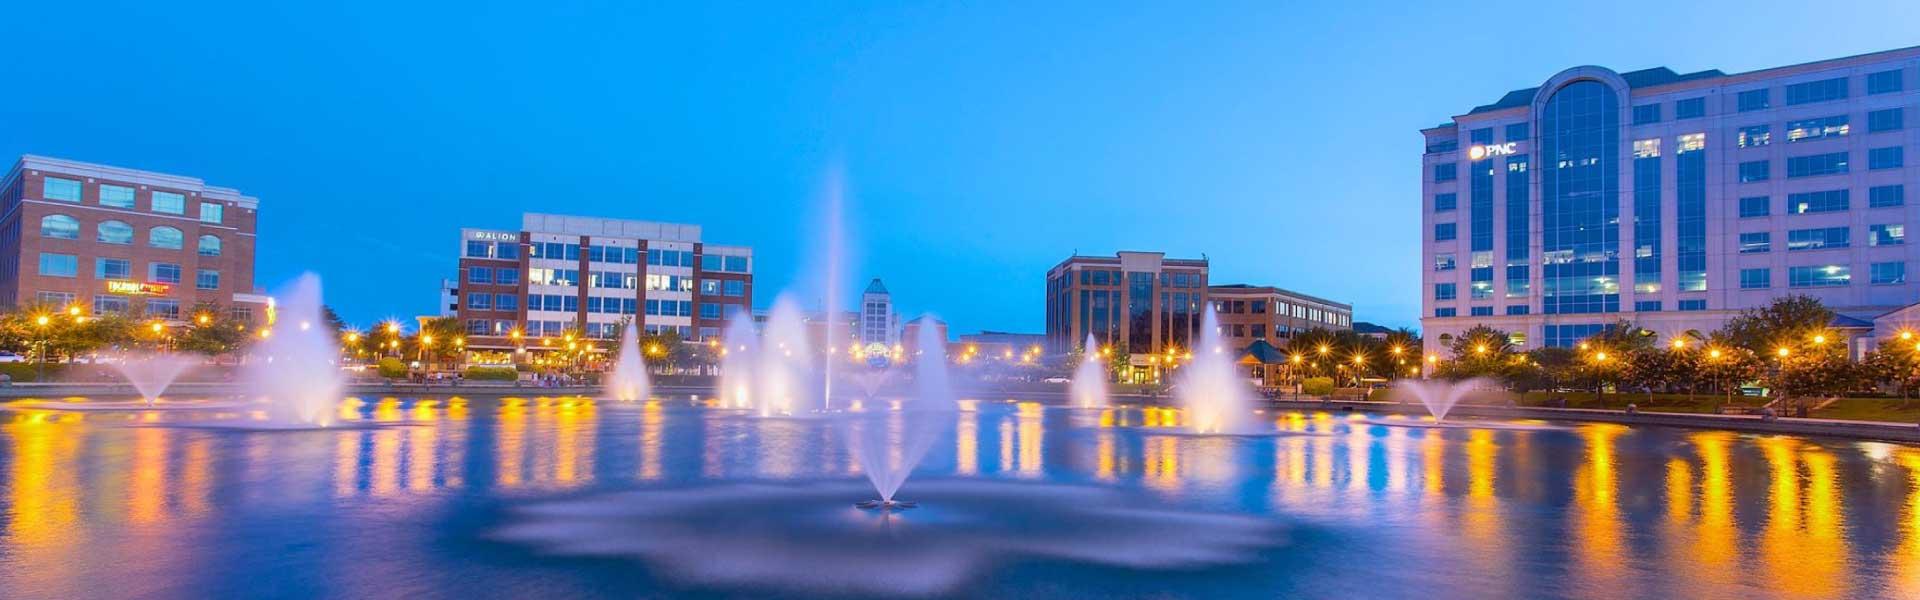 newport news city center development